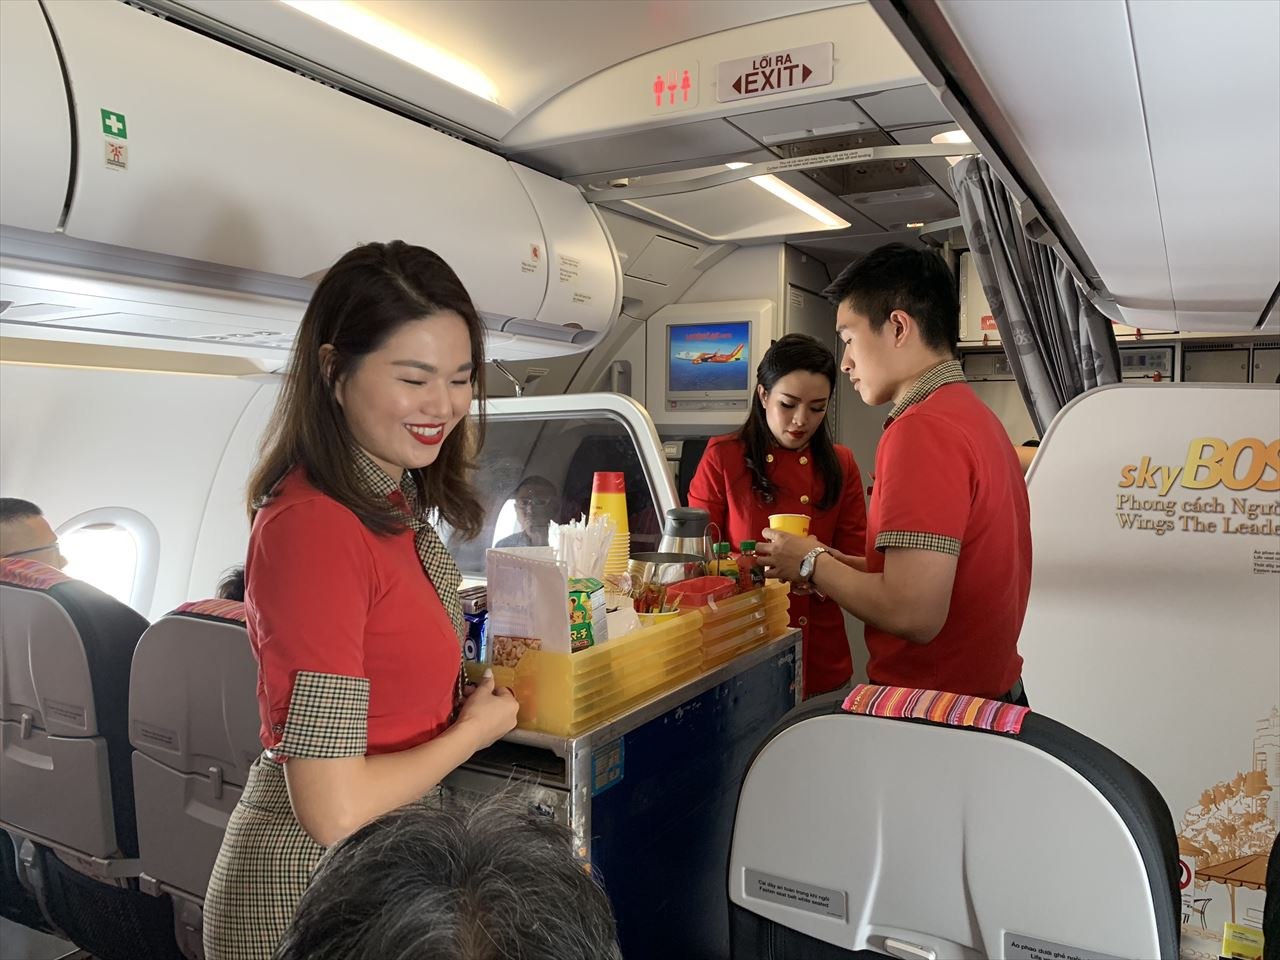 機内食の提供が始まりました